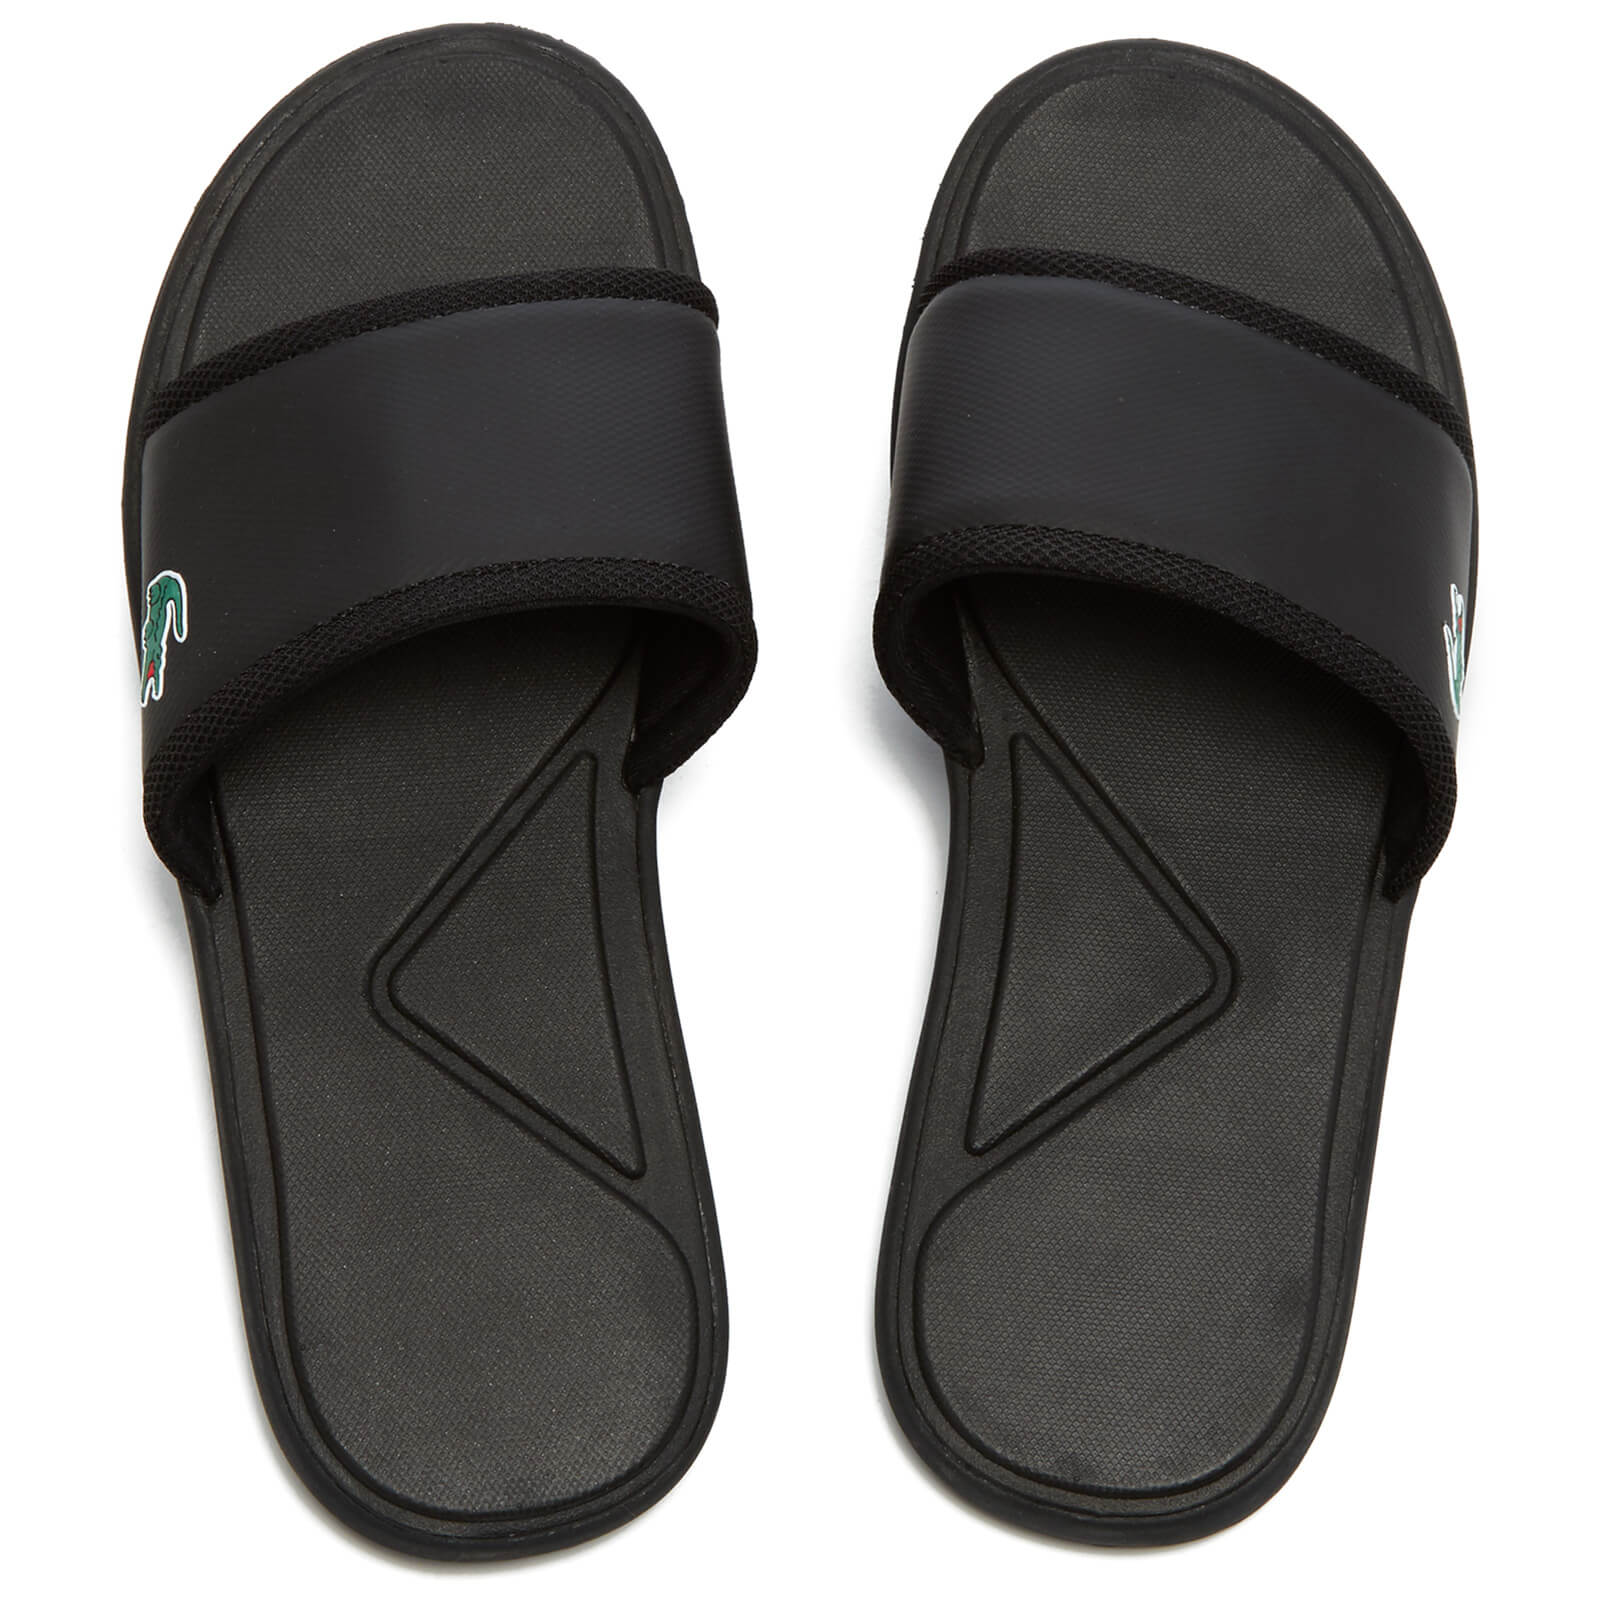 af858ea49 Lacoste Men s L.30 Slide Sport Slide Sandals - Black